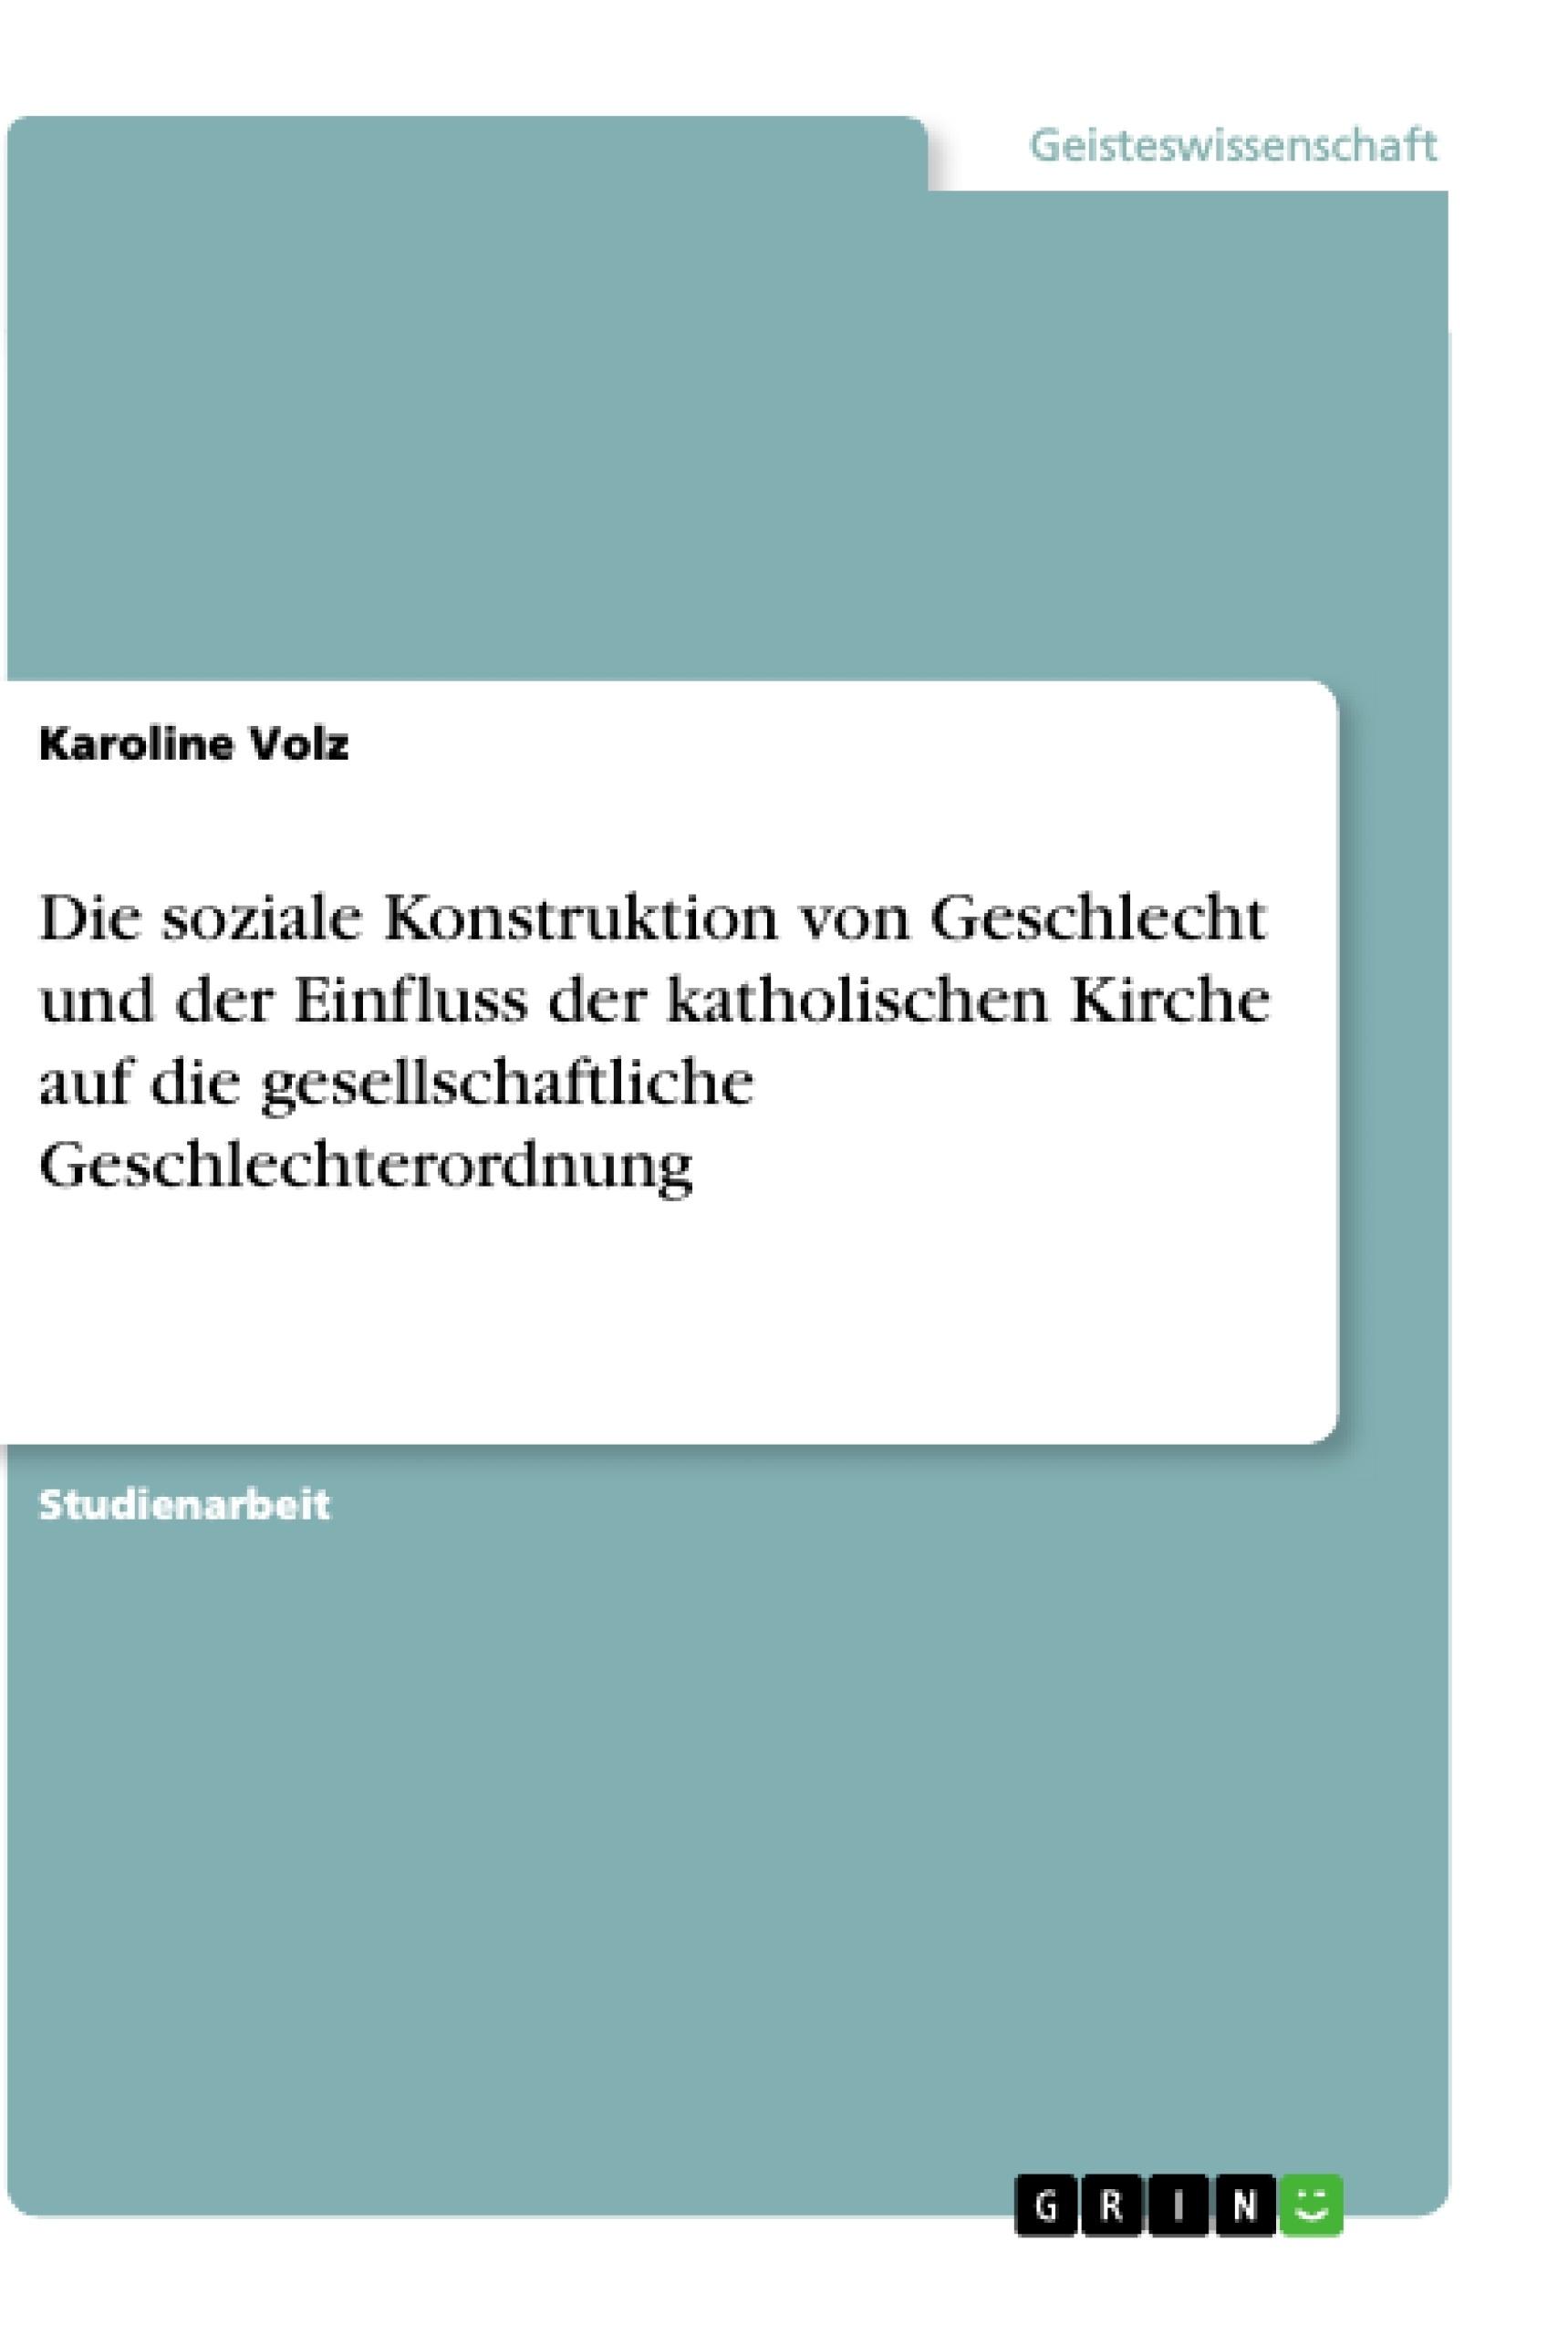 Titel: Die soziale Konstruktion von Geschlecht und der Einfluss der katholischen Kirche auf die gesellschaftliche Geschlechterordnung